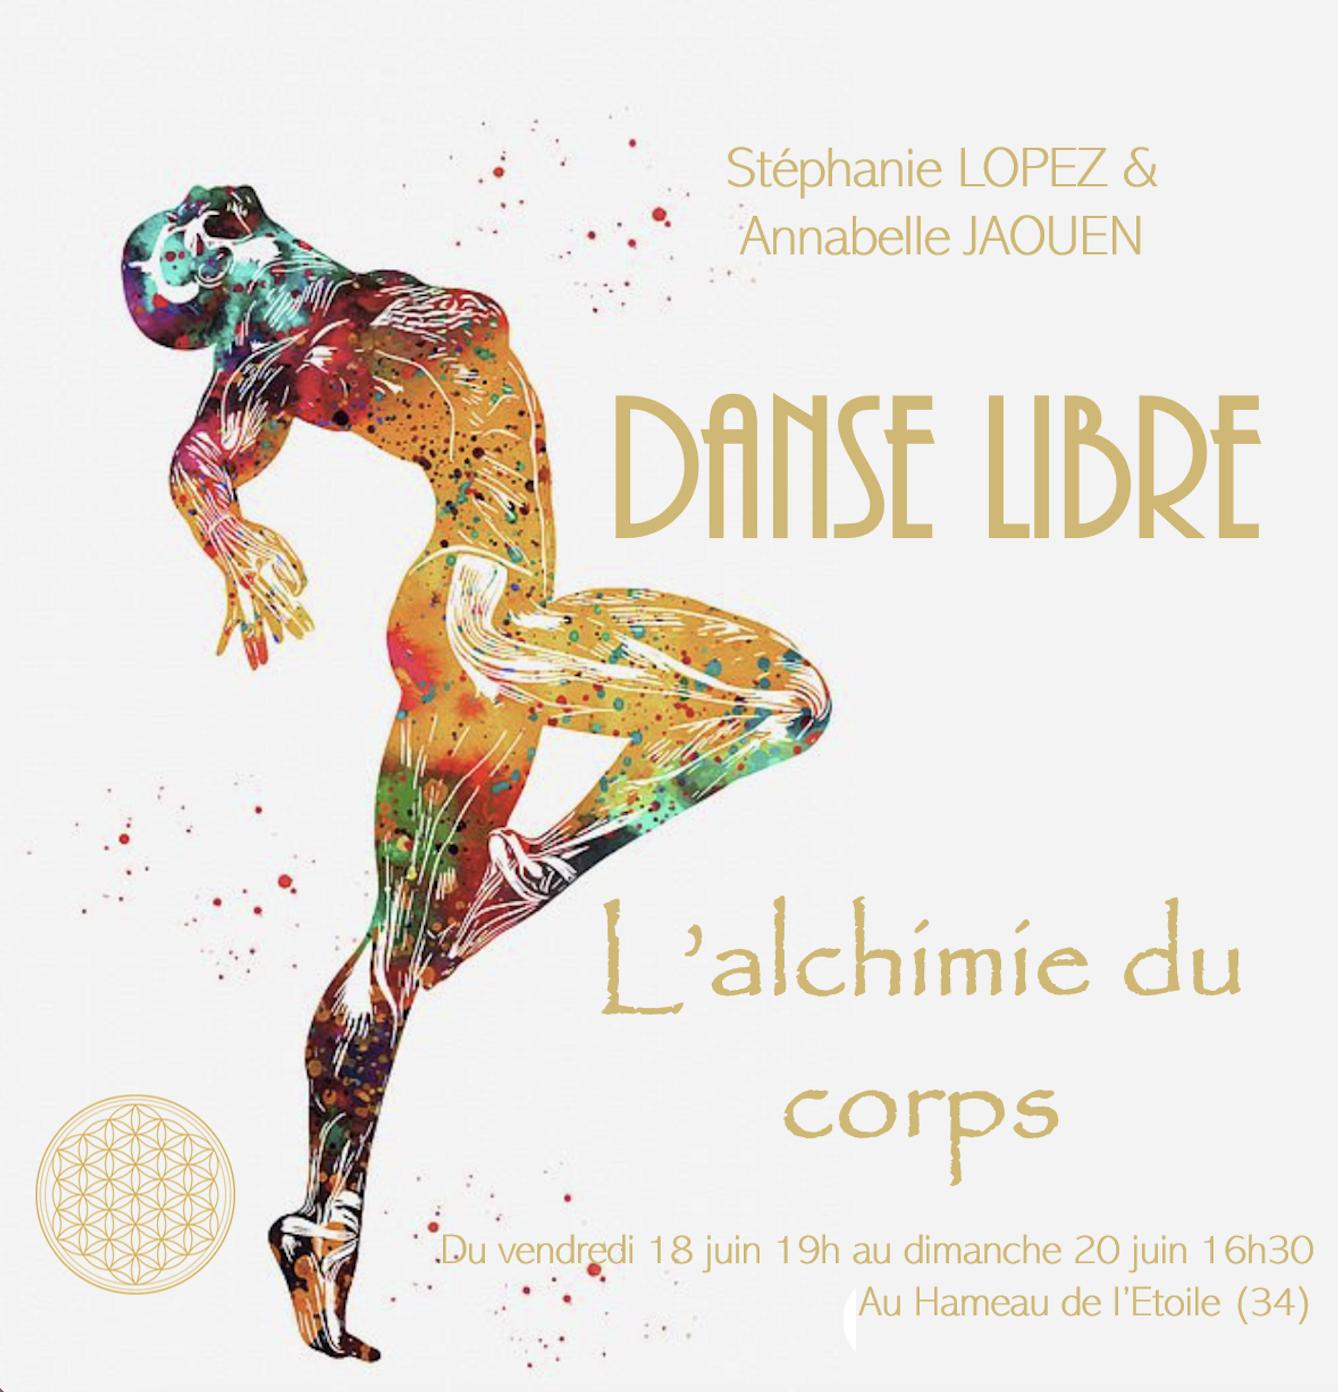 Weekend Danse Libre -  L'alchimie du corps